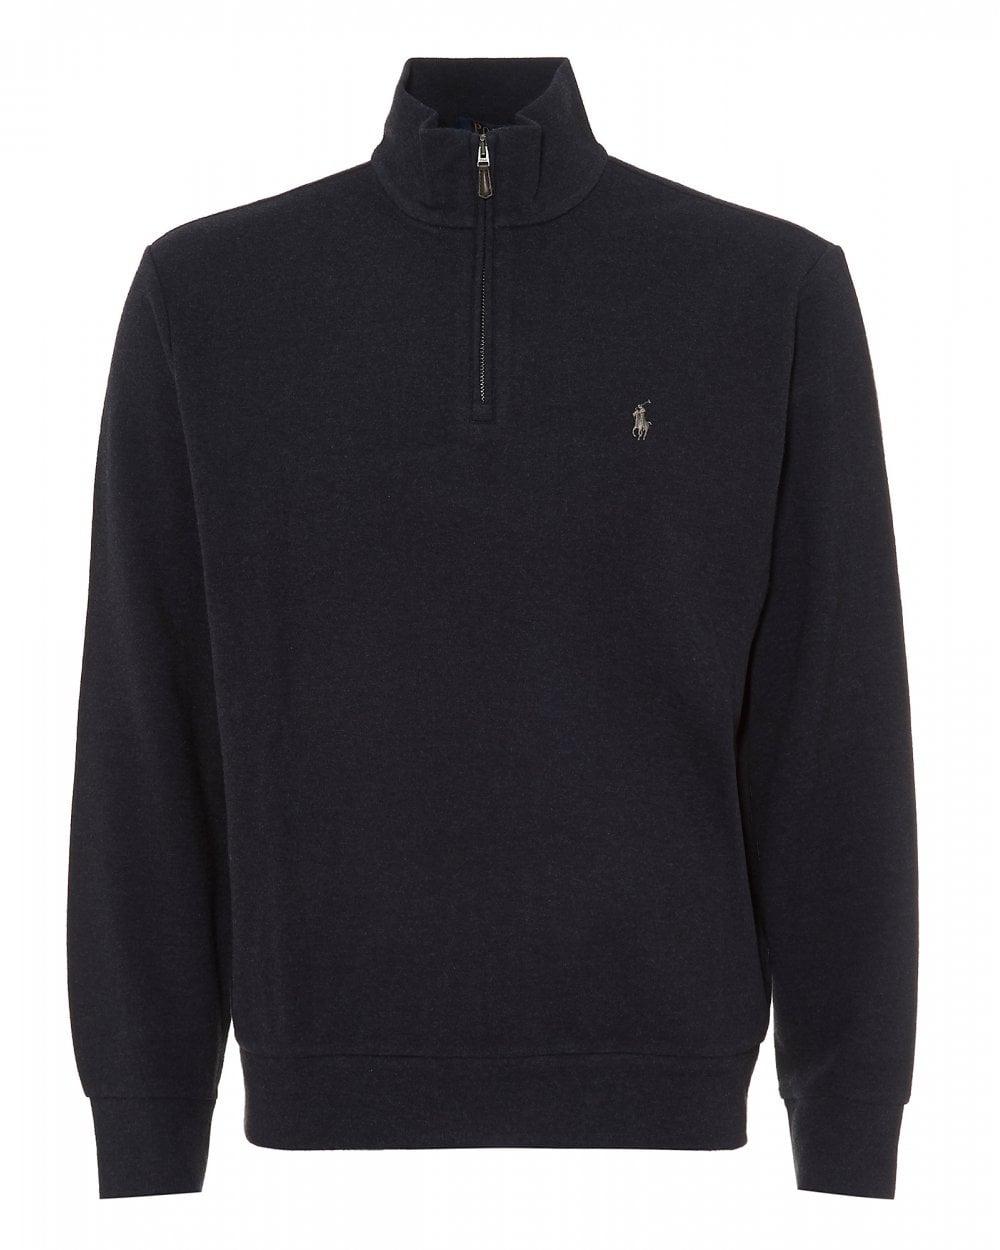 336d54eef6a0f9 Ralph Lauren Mens Half Zip Jumper, Hunter Navy Sweater